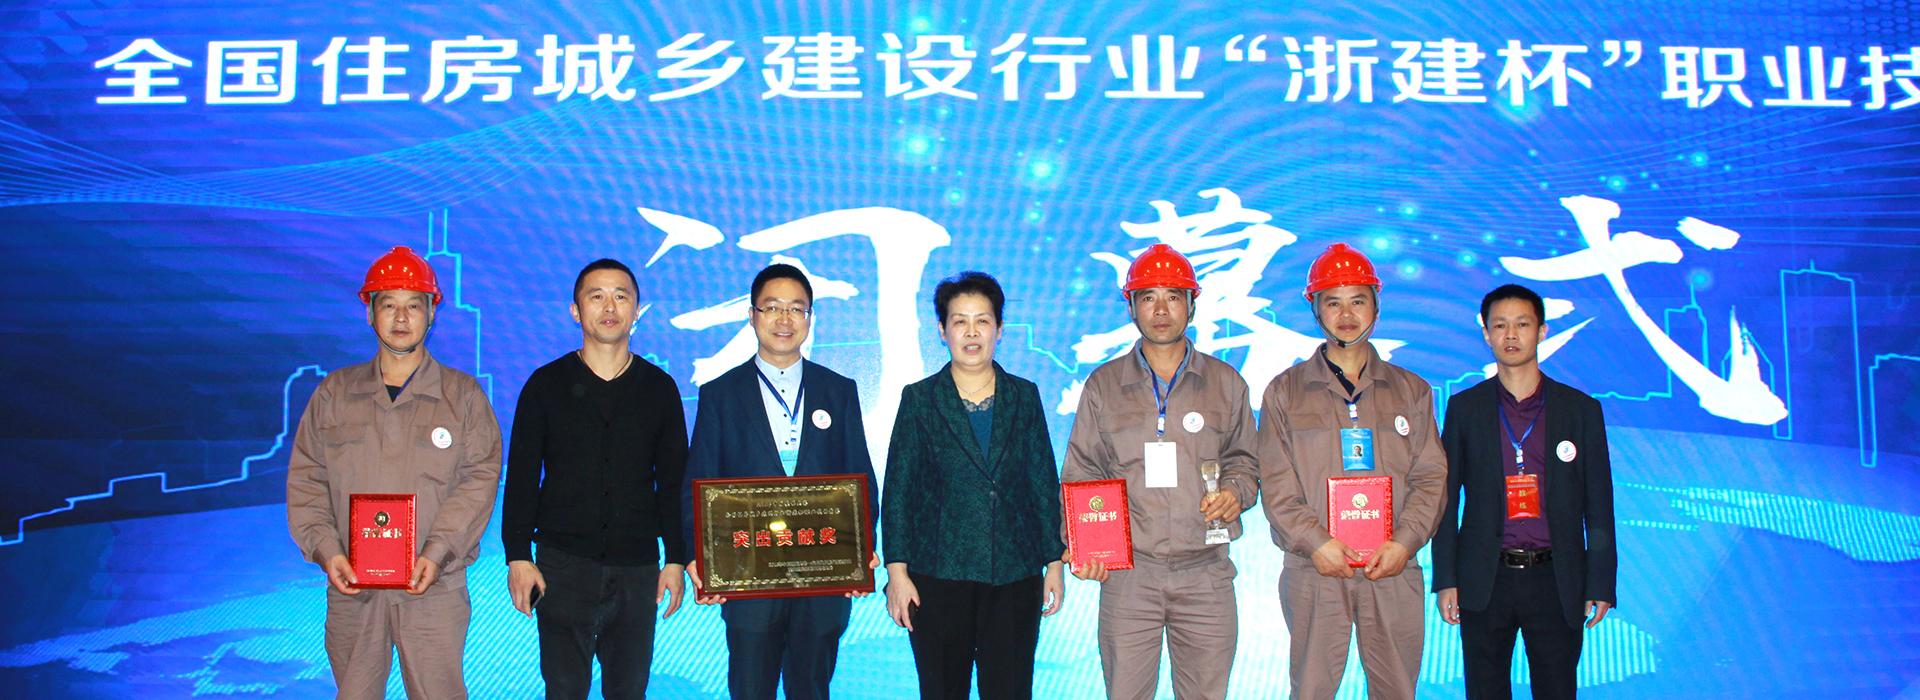 潘小健获全国住房城乡建设行业职业技能竞赛钢筋工职工组第一名